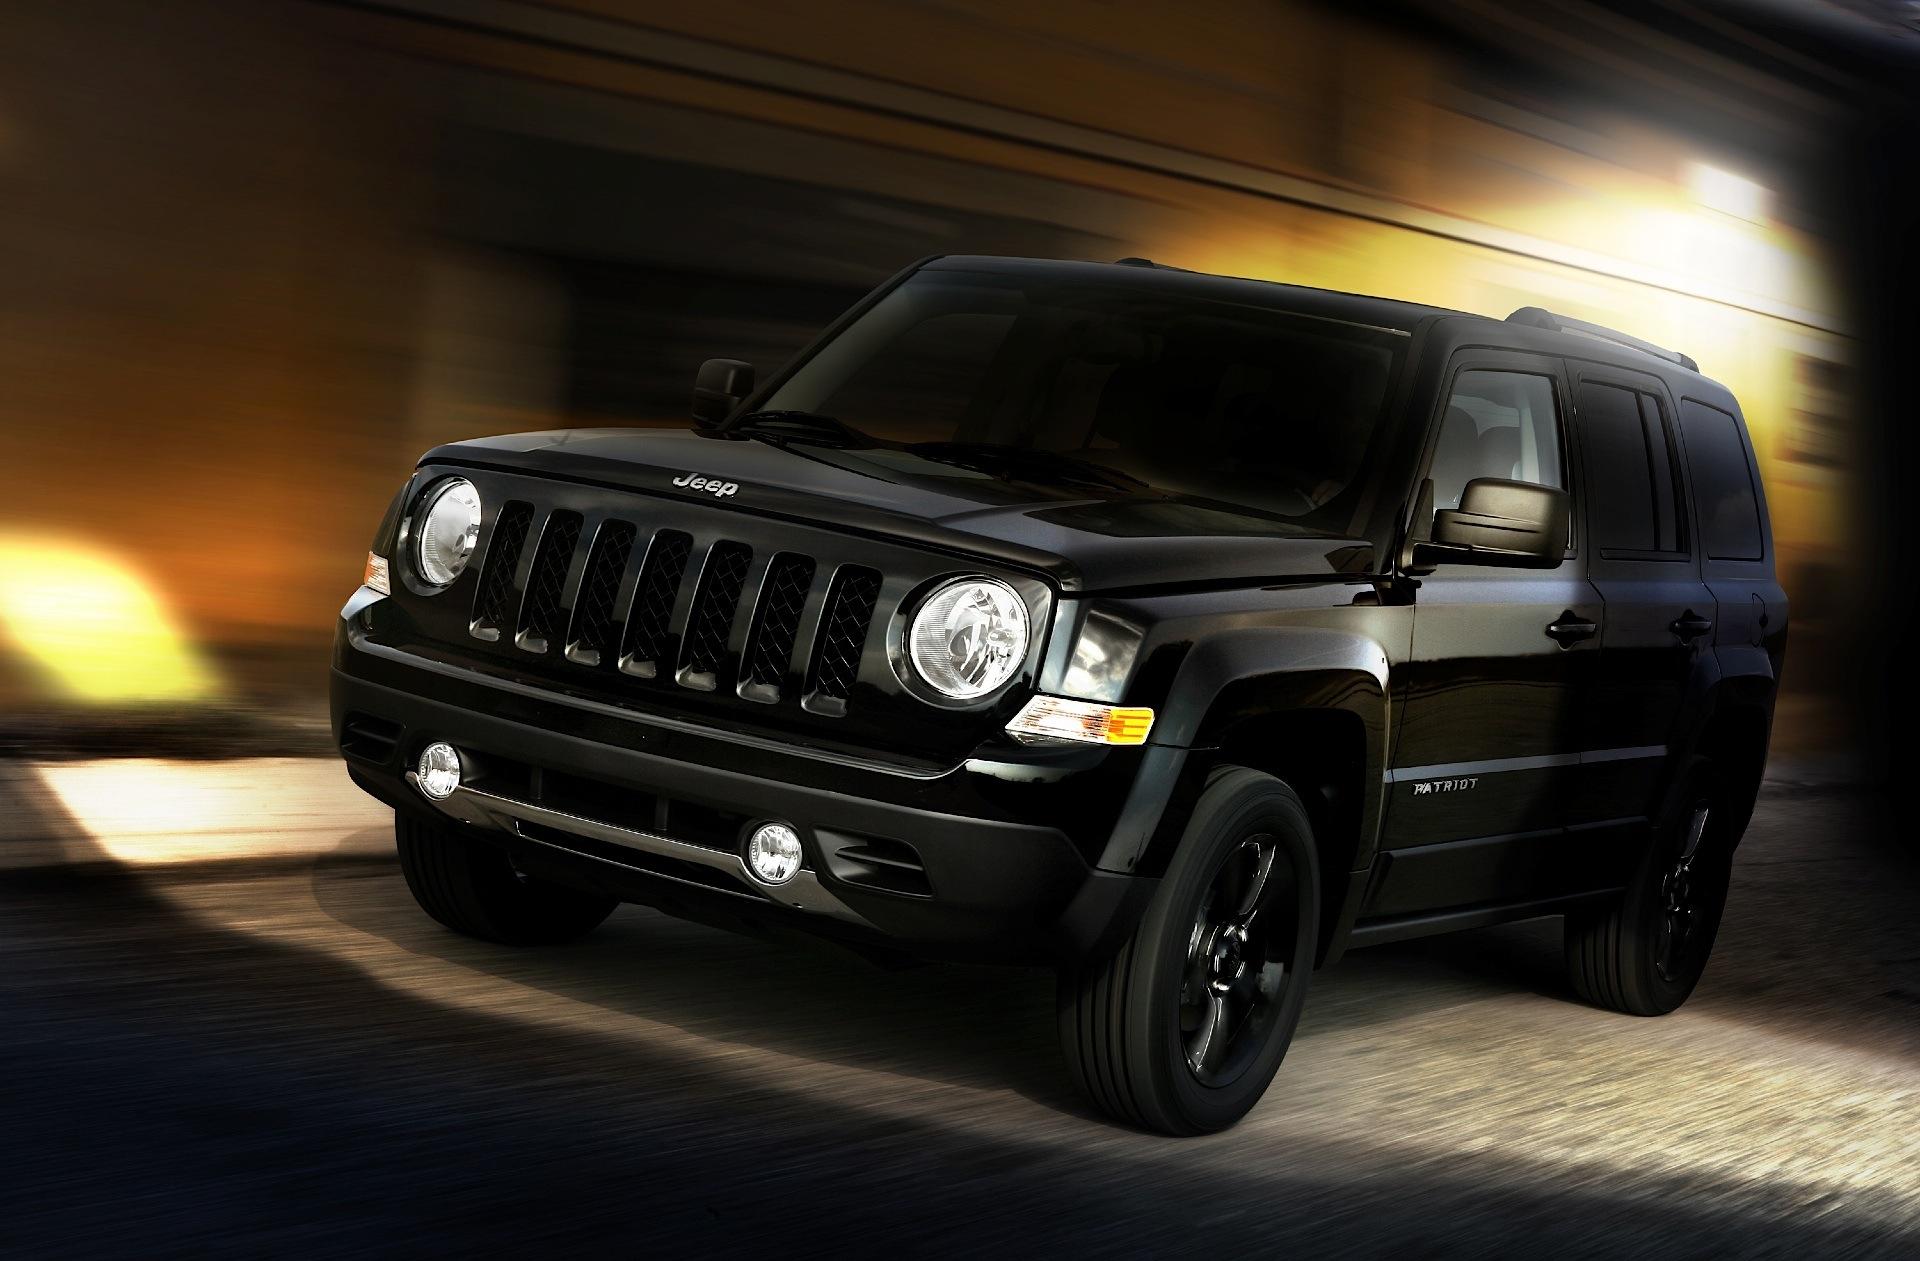 jeep patriot specs - 2007, 2008, 2009, 2010, 2011, 2012, 2013